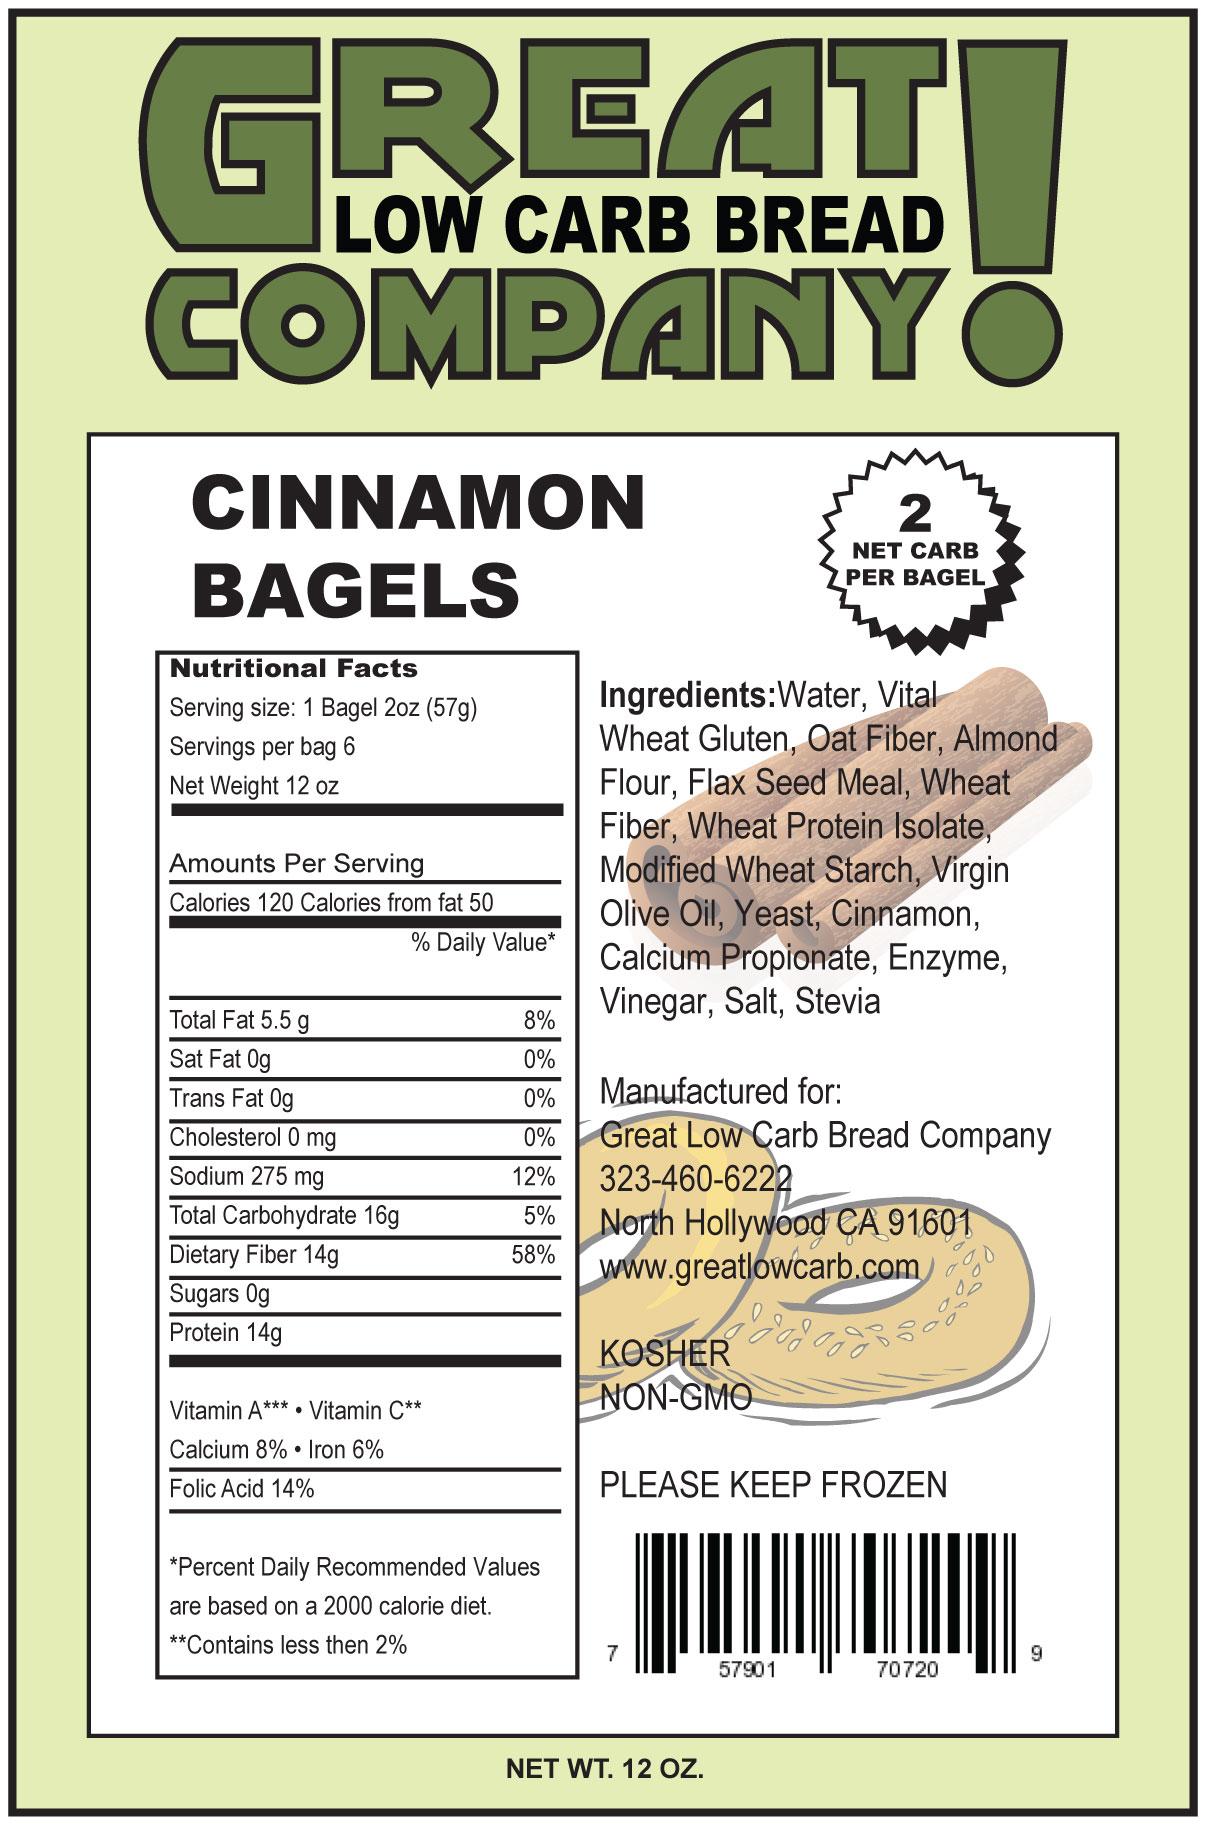 Great Low Carb Cinnamon Bagels 6 bags (Saves $1.00 per bag!)